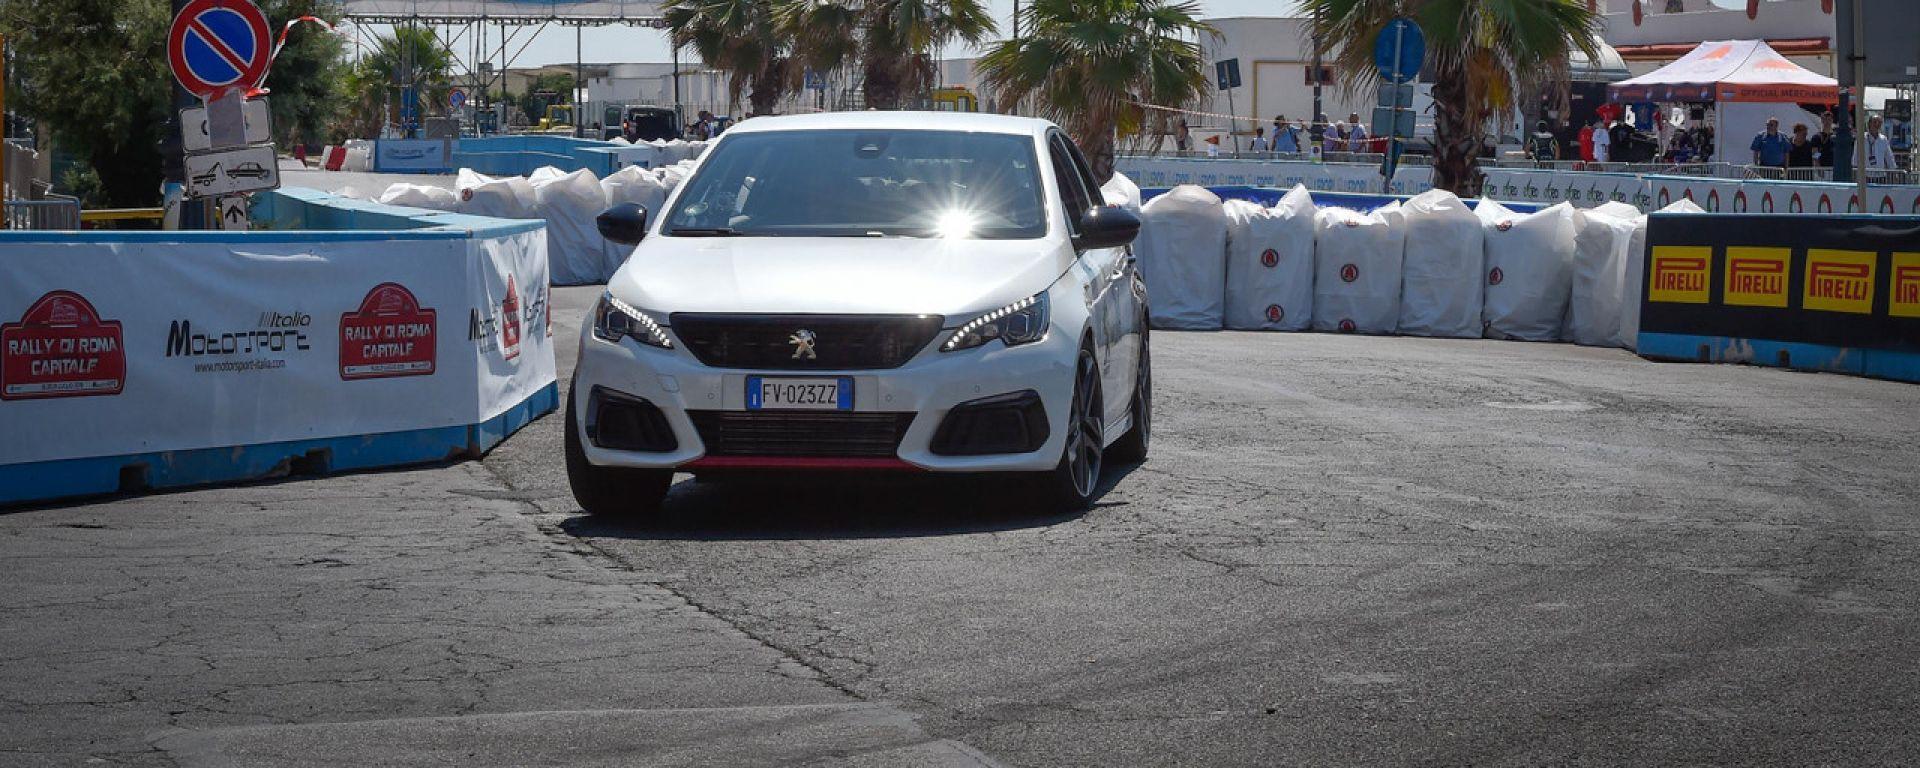 Test Peugeot 308 Gti con Andreucci - Rally di Roma Capitale